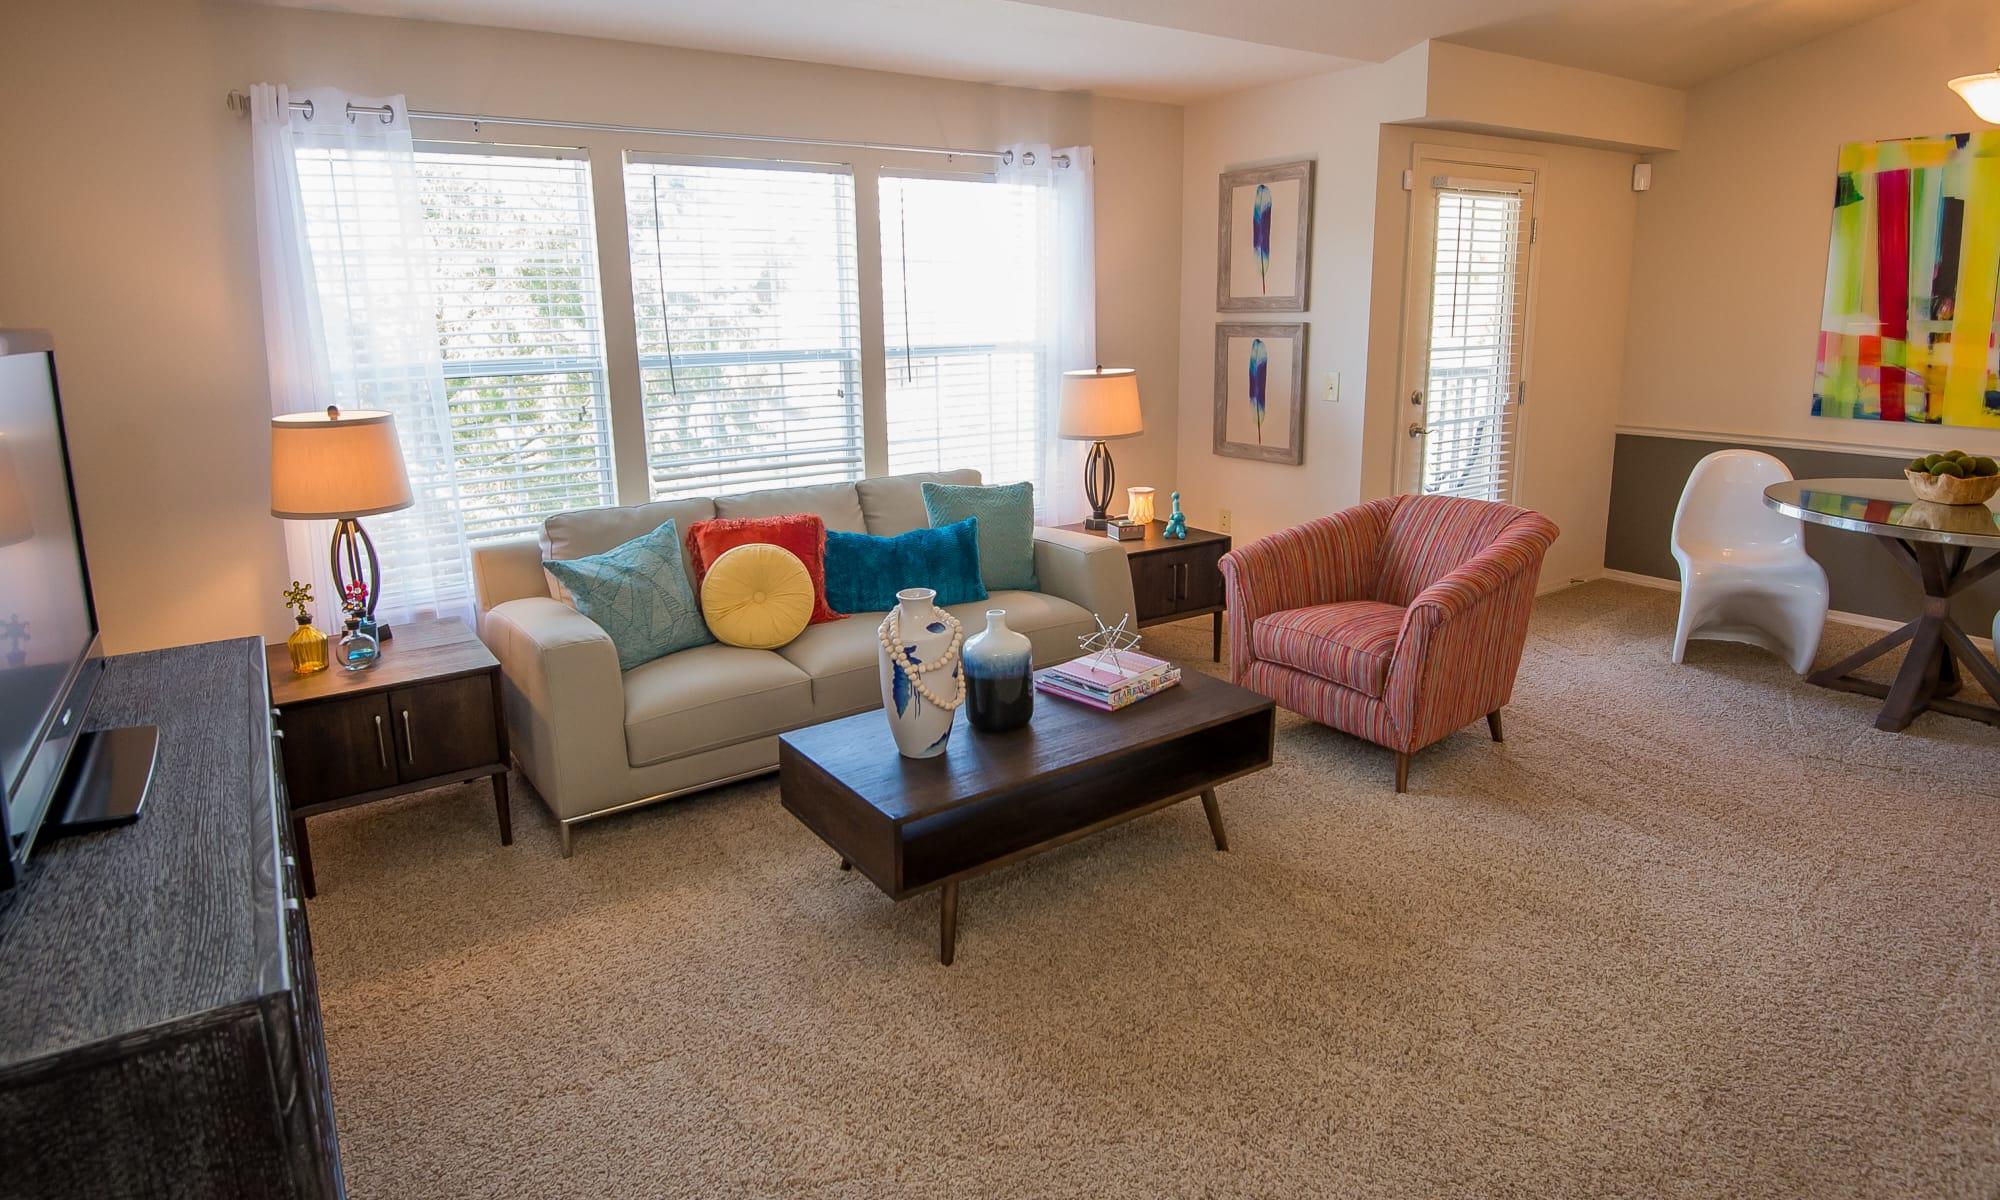 Apartments at Villas at Aspen Park in Broken Arrow, Oklahoma